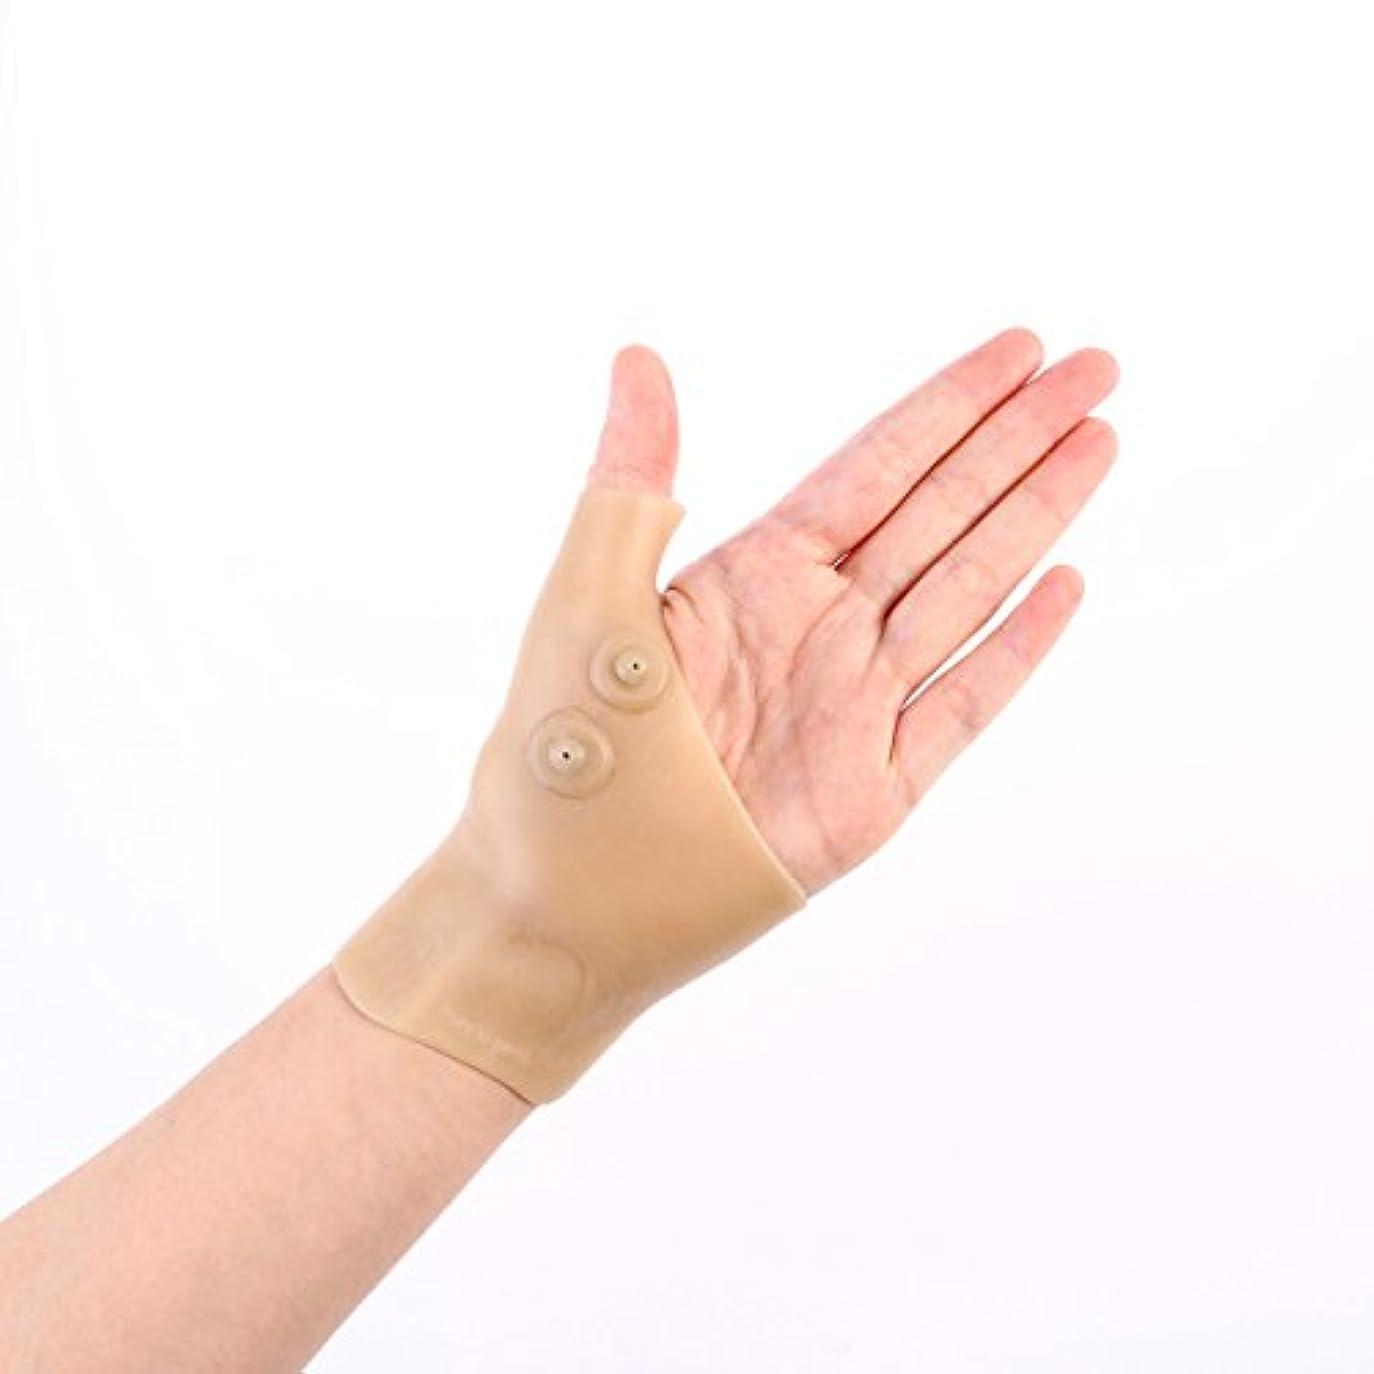 共和党噛む下にHealifty 首サポートブレース シリコンゲル 腱鞘炎 バネ指 手首の親指の痛みを和らげる 2個